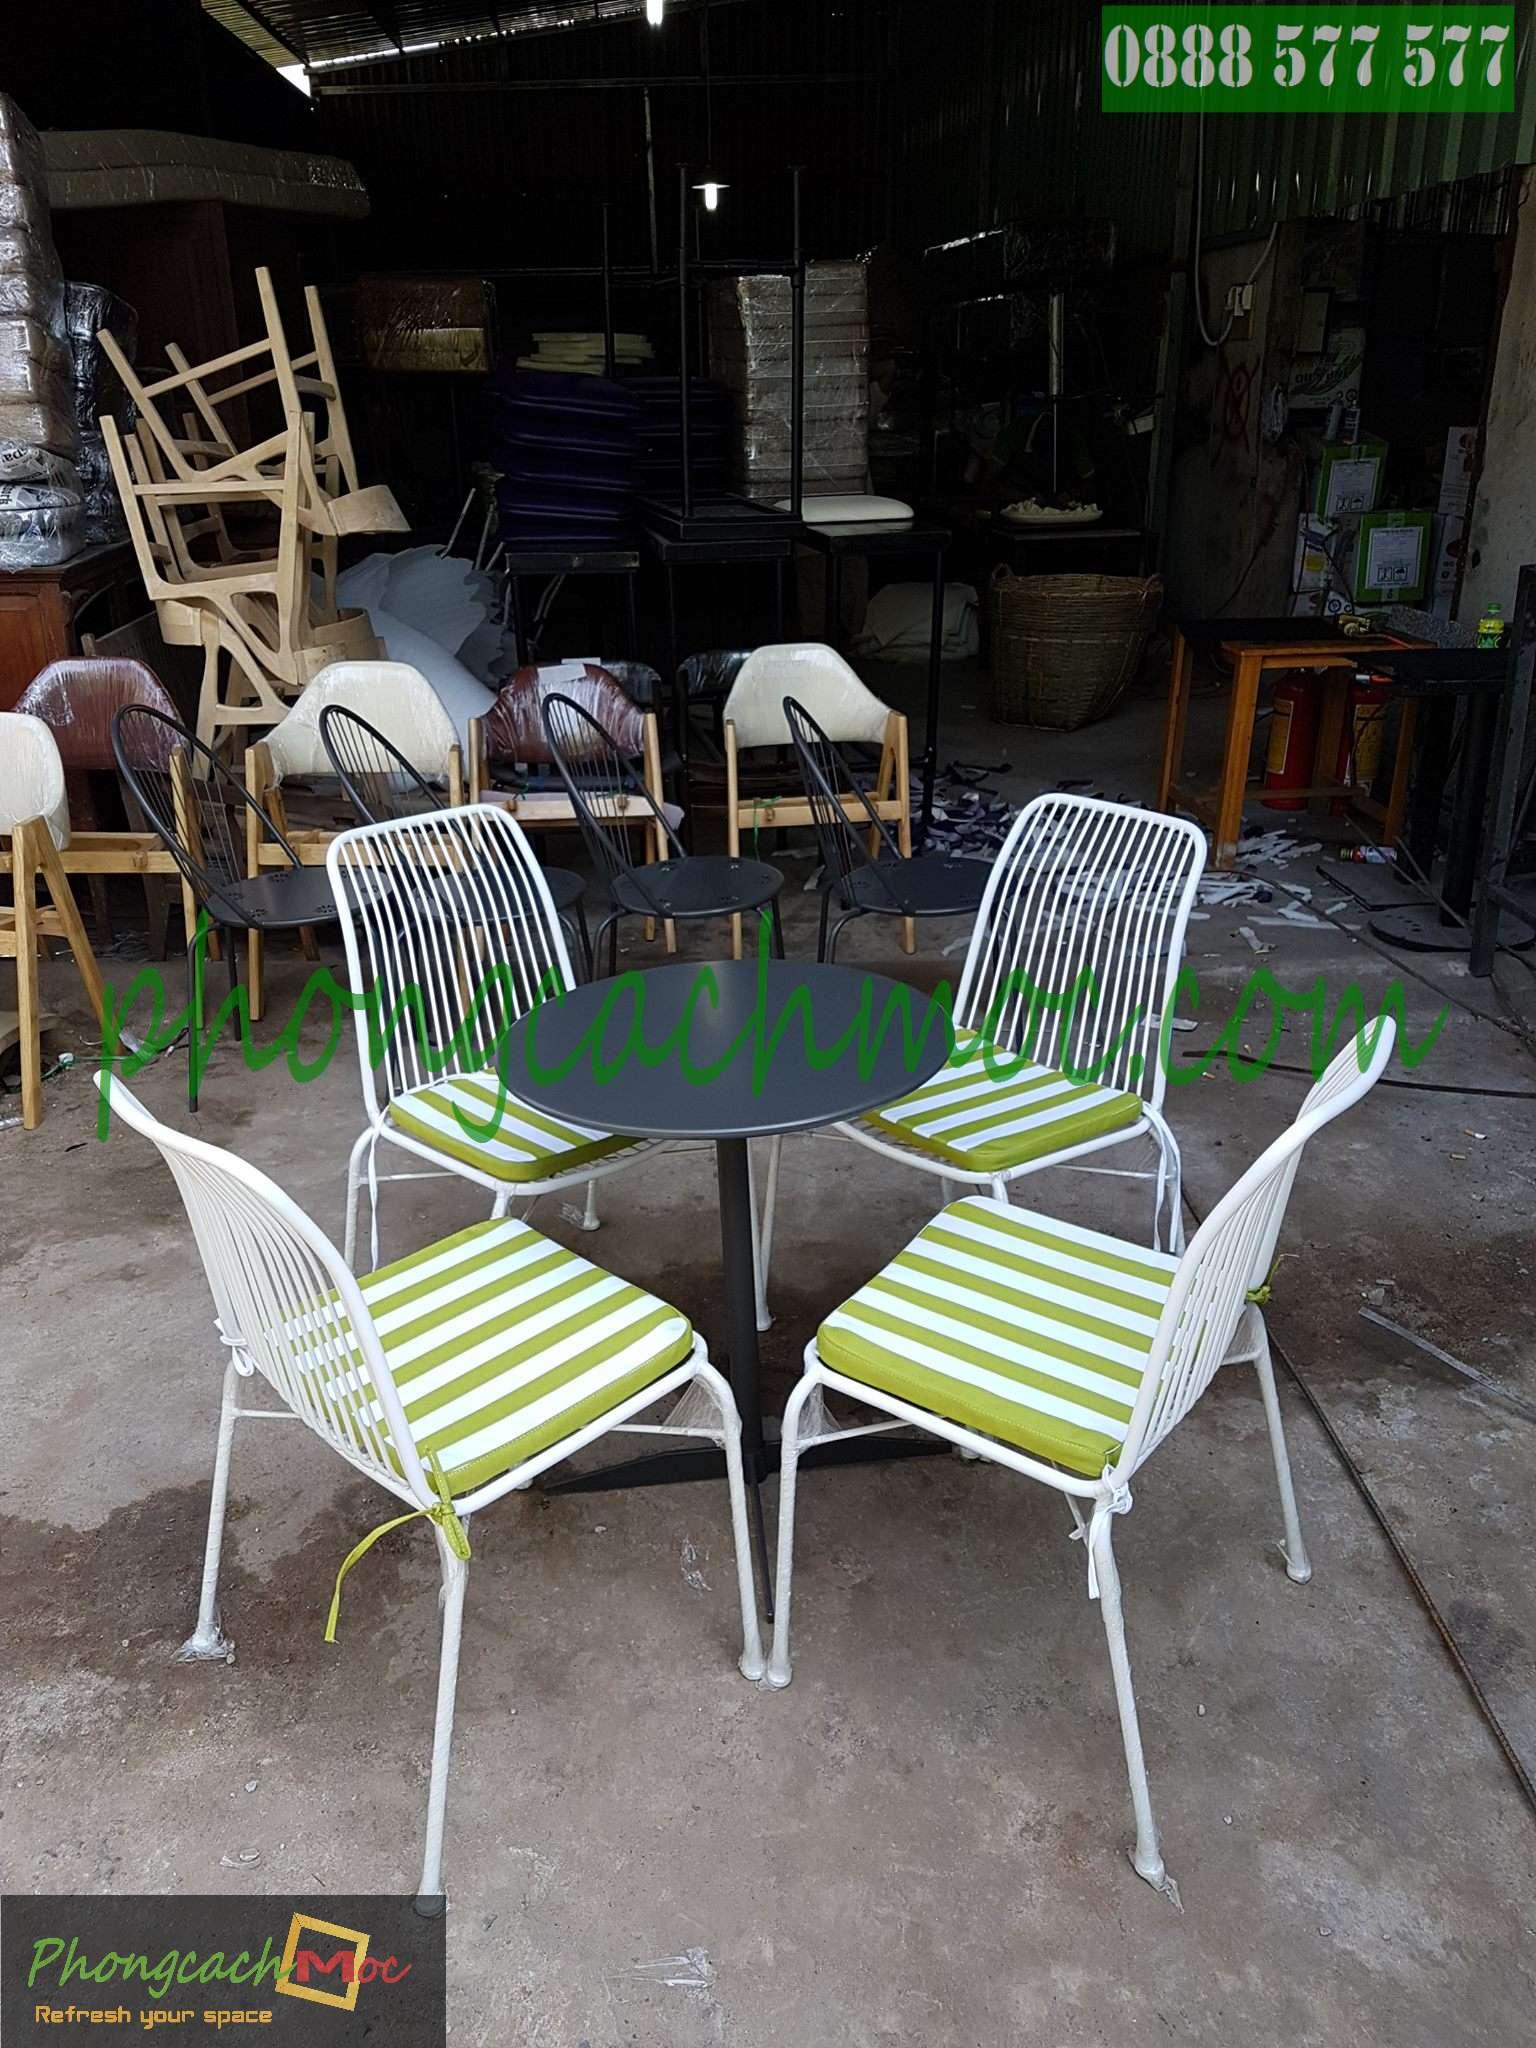 Bàn ghế gỗ khung sắt, bàn ghế gỗ chân sắt, bàn ghế xếp quán nhậu